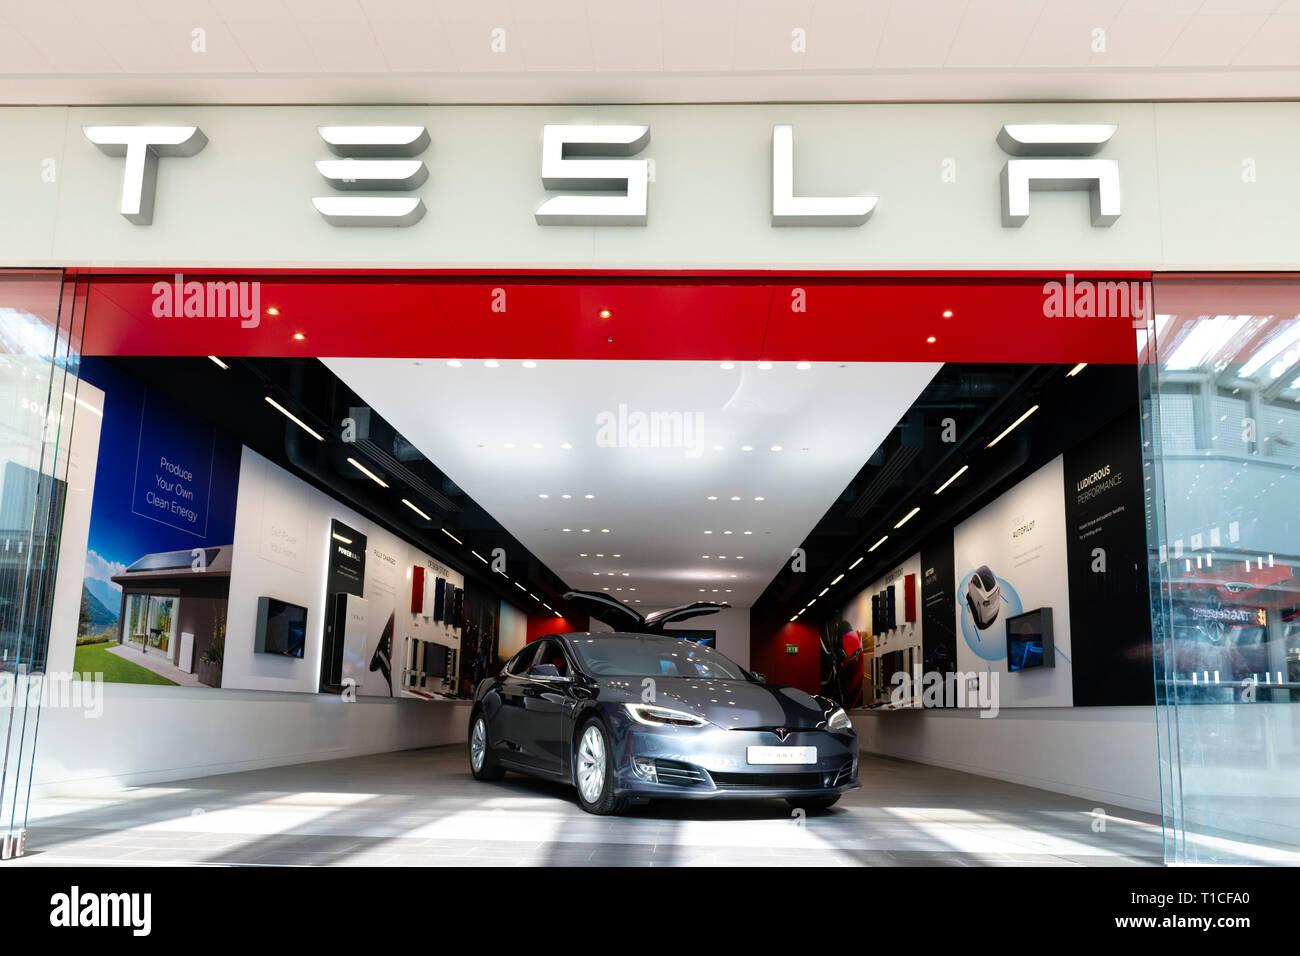 Tesla car showroom, UK. - Stock Image